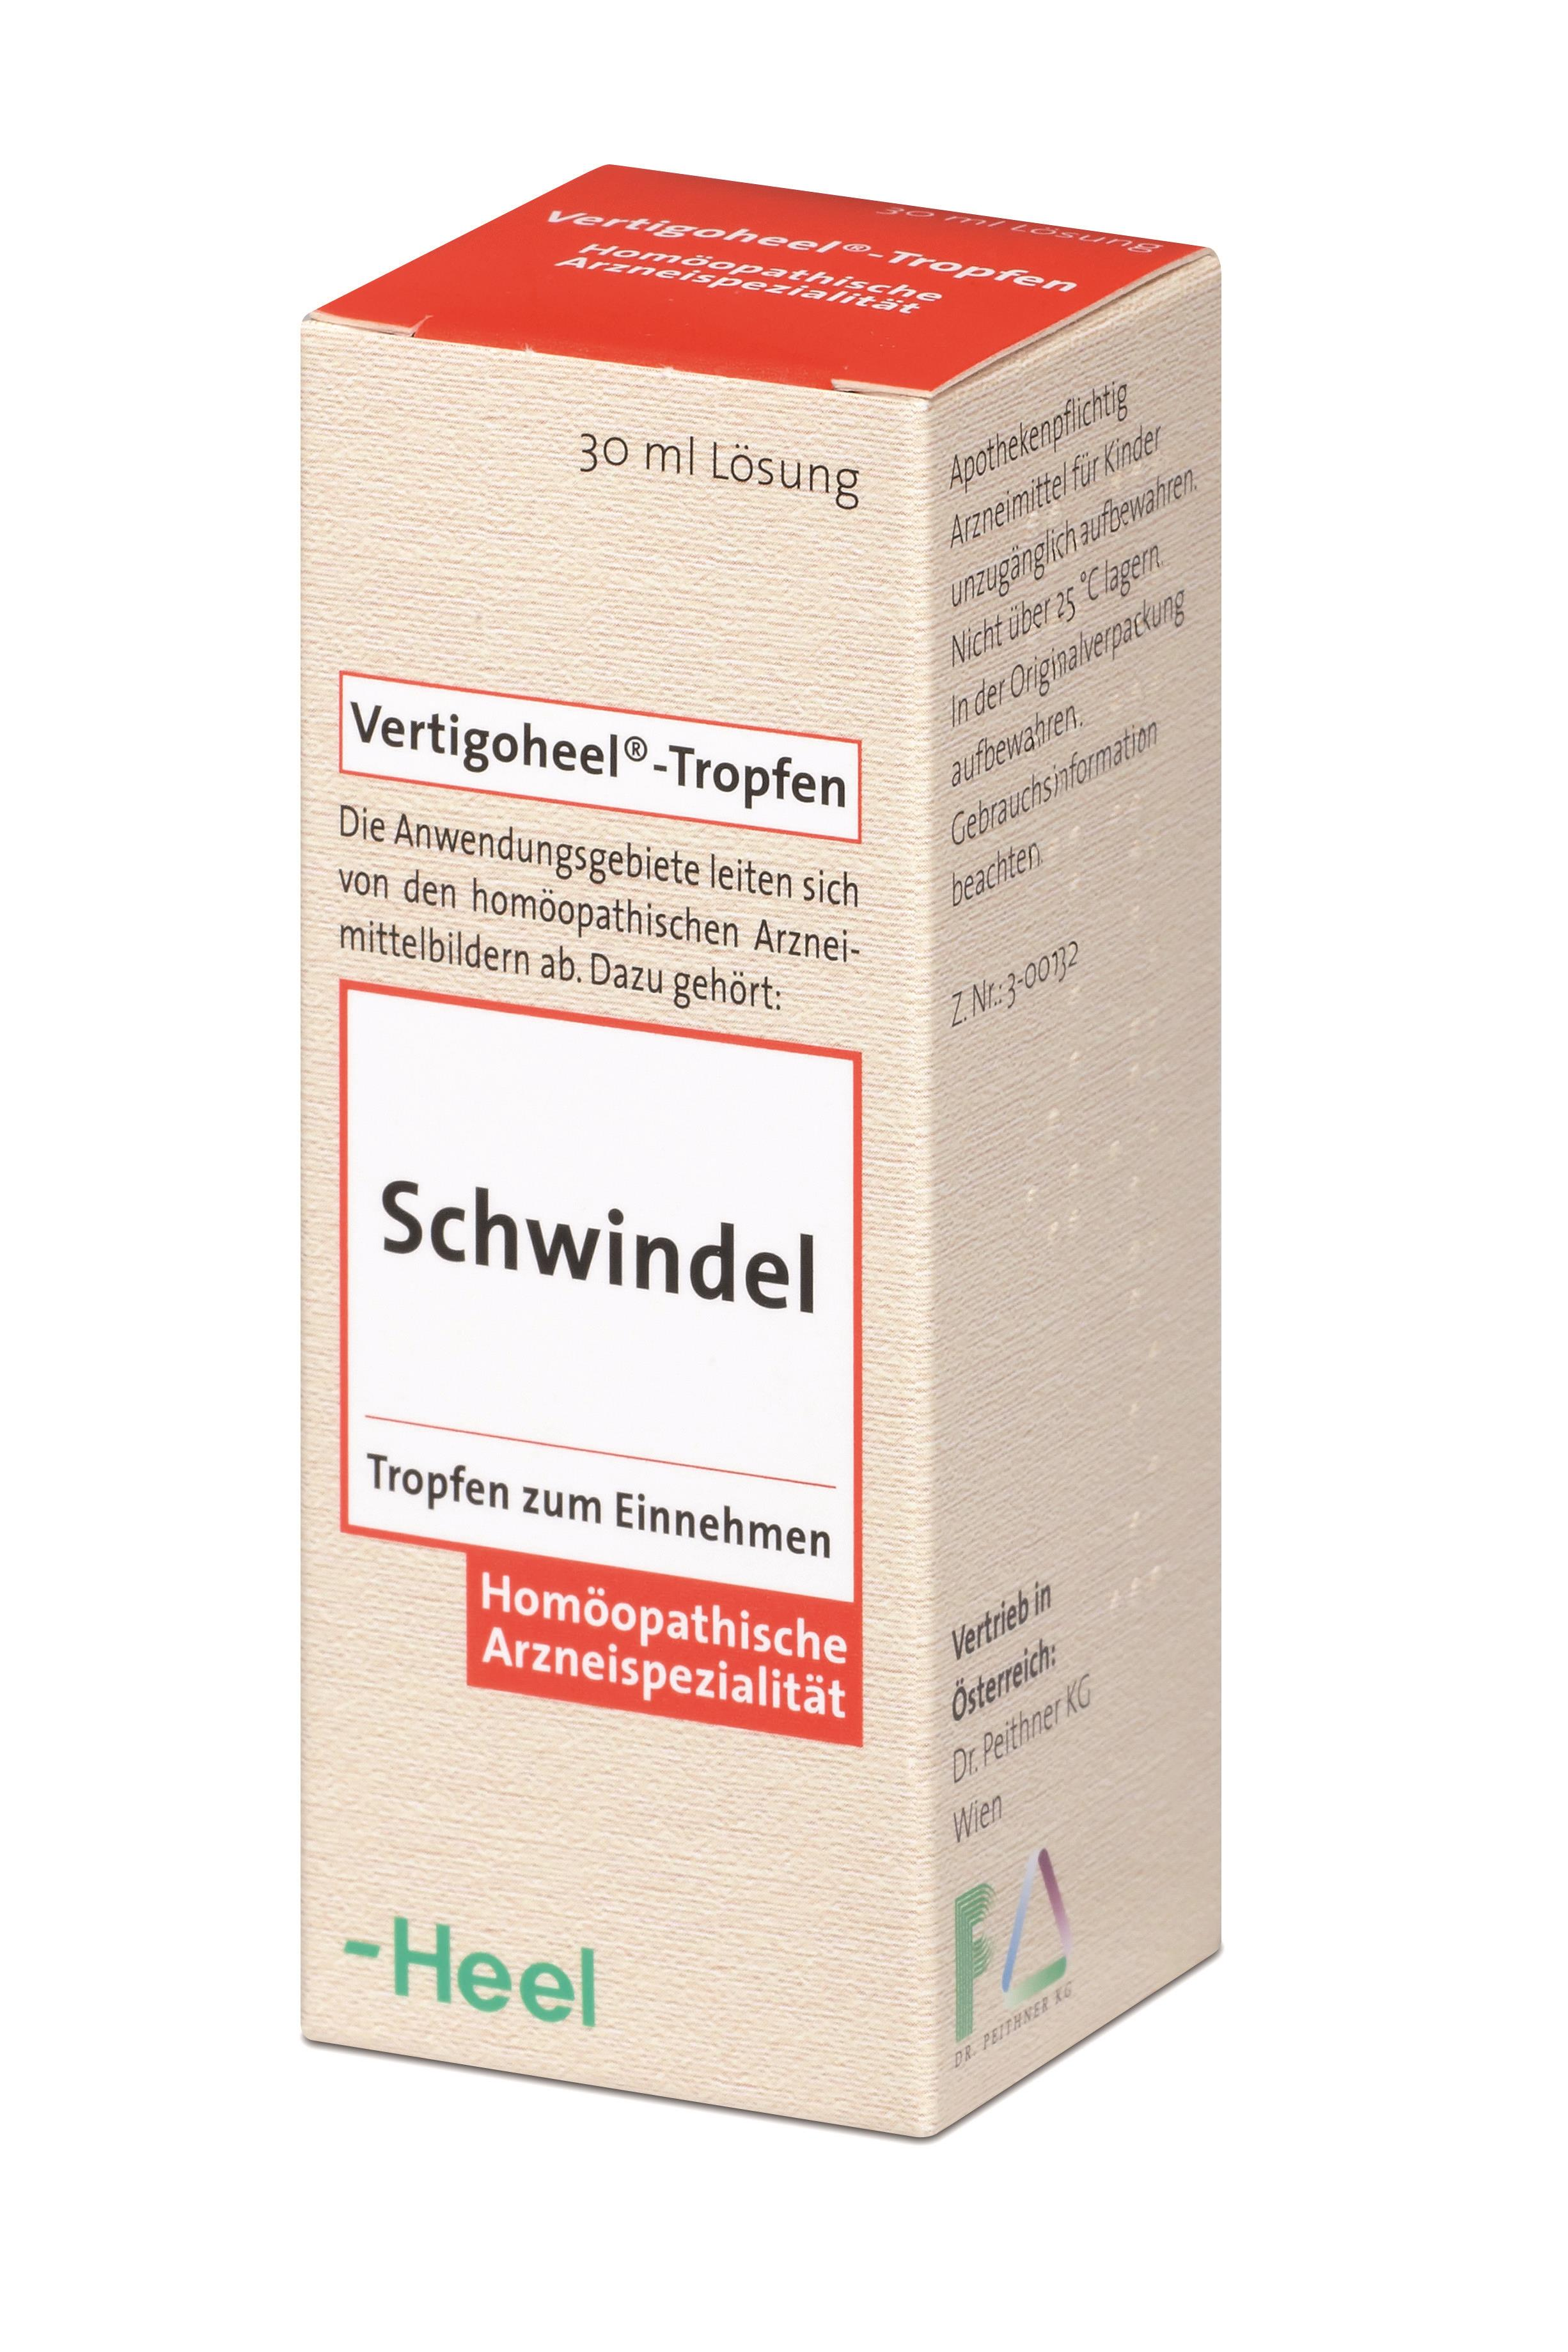 Vertigoheel - Tropfen